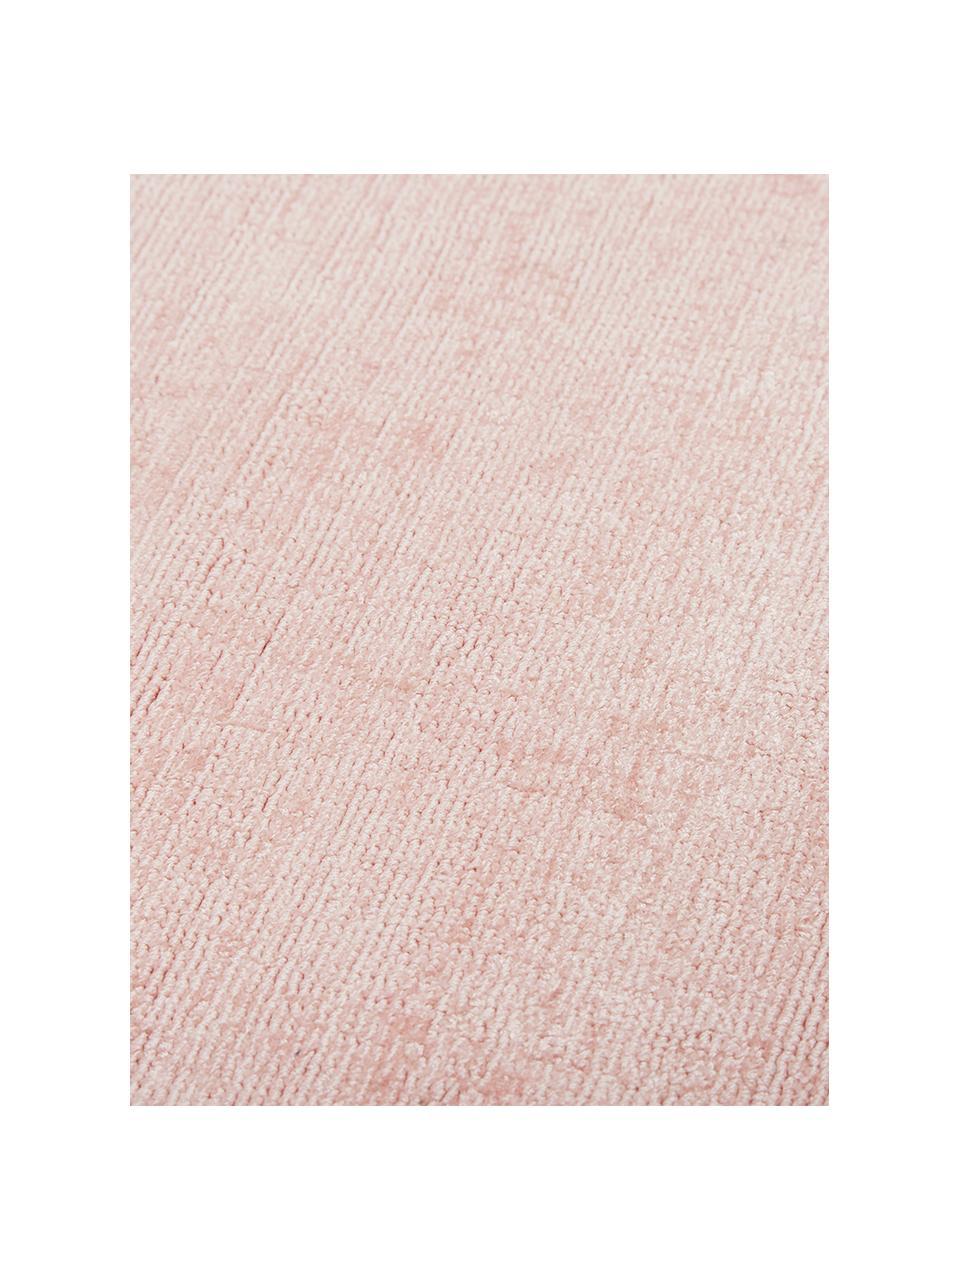 Tappeto rotondo in viscosa rosa tessuto a mano Jane, Retro: 100% cotone, Rosa, Ø 200 cm (taglia L)